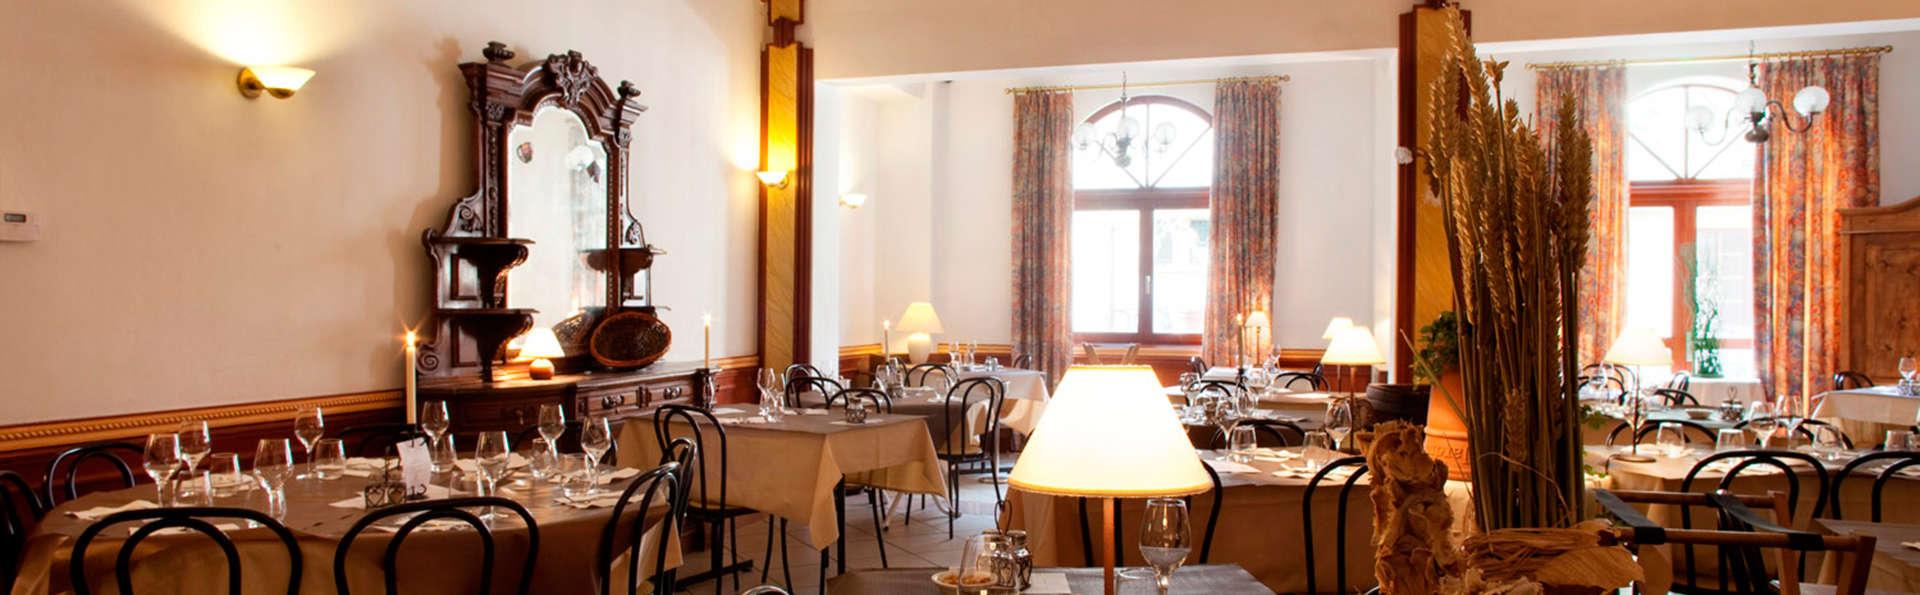 Week-end détente avec dîner alsacien